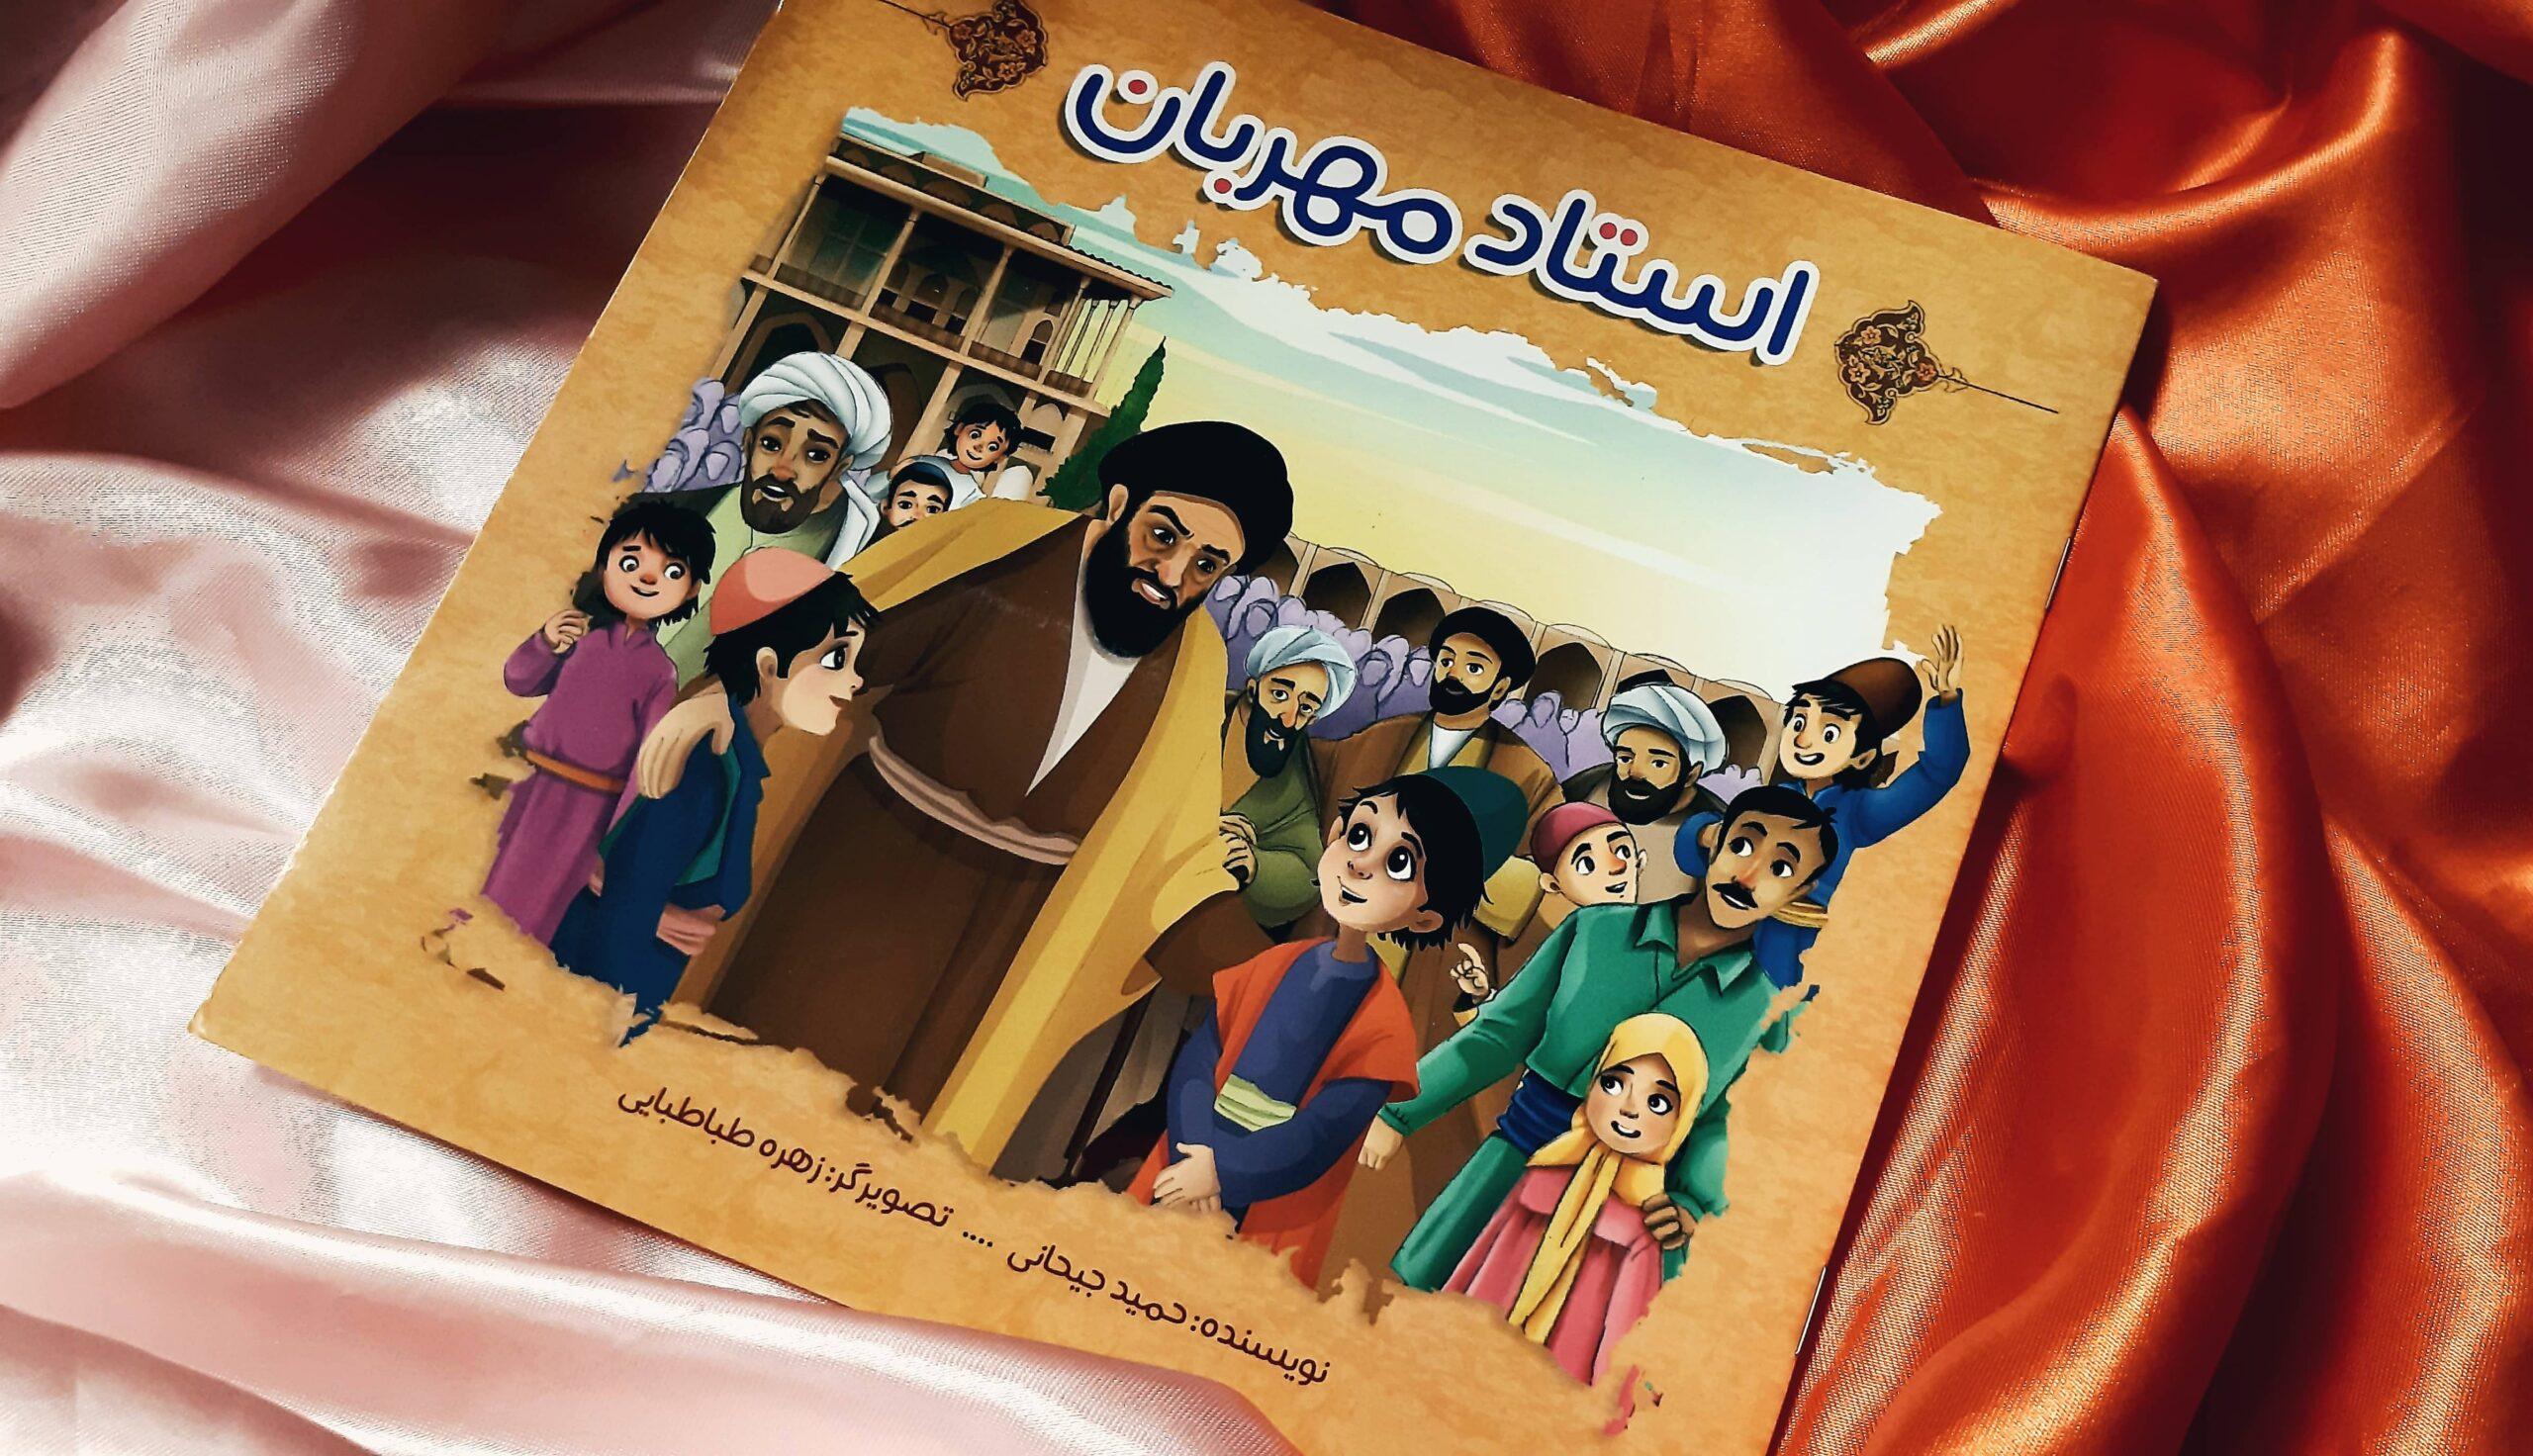 کتاب استاد مهربان نویسنده: حمید جیحانی انتشارات باران عشق